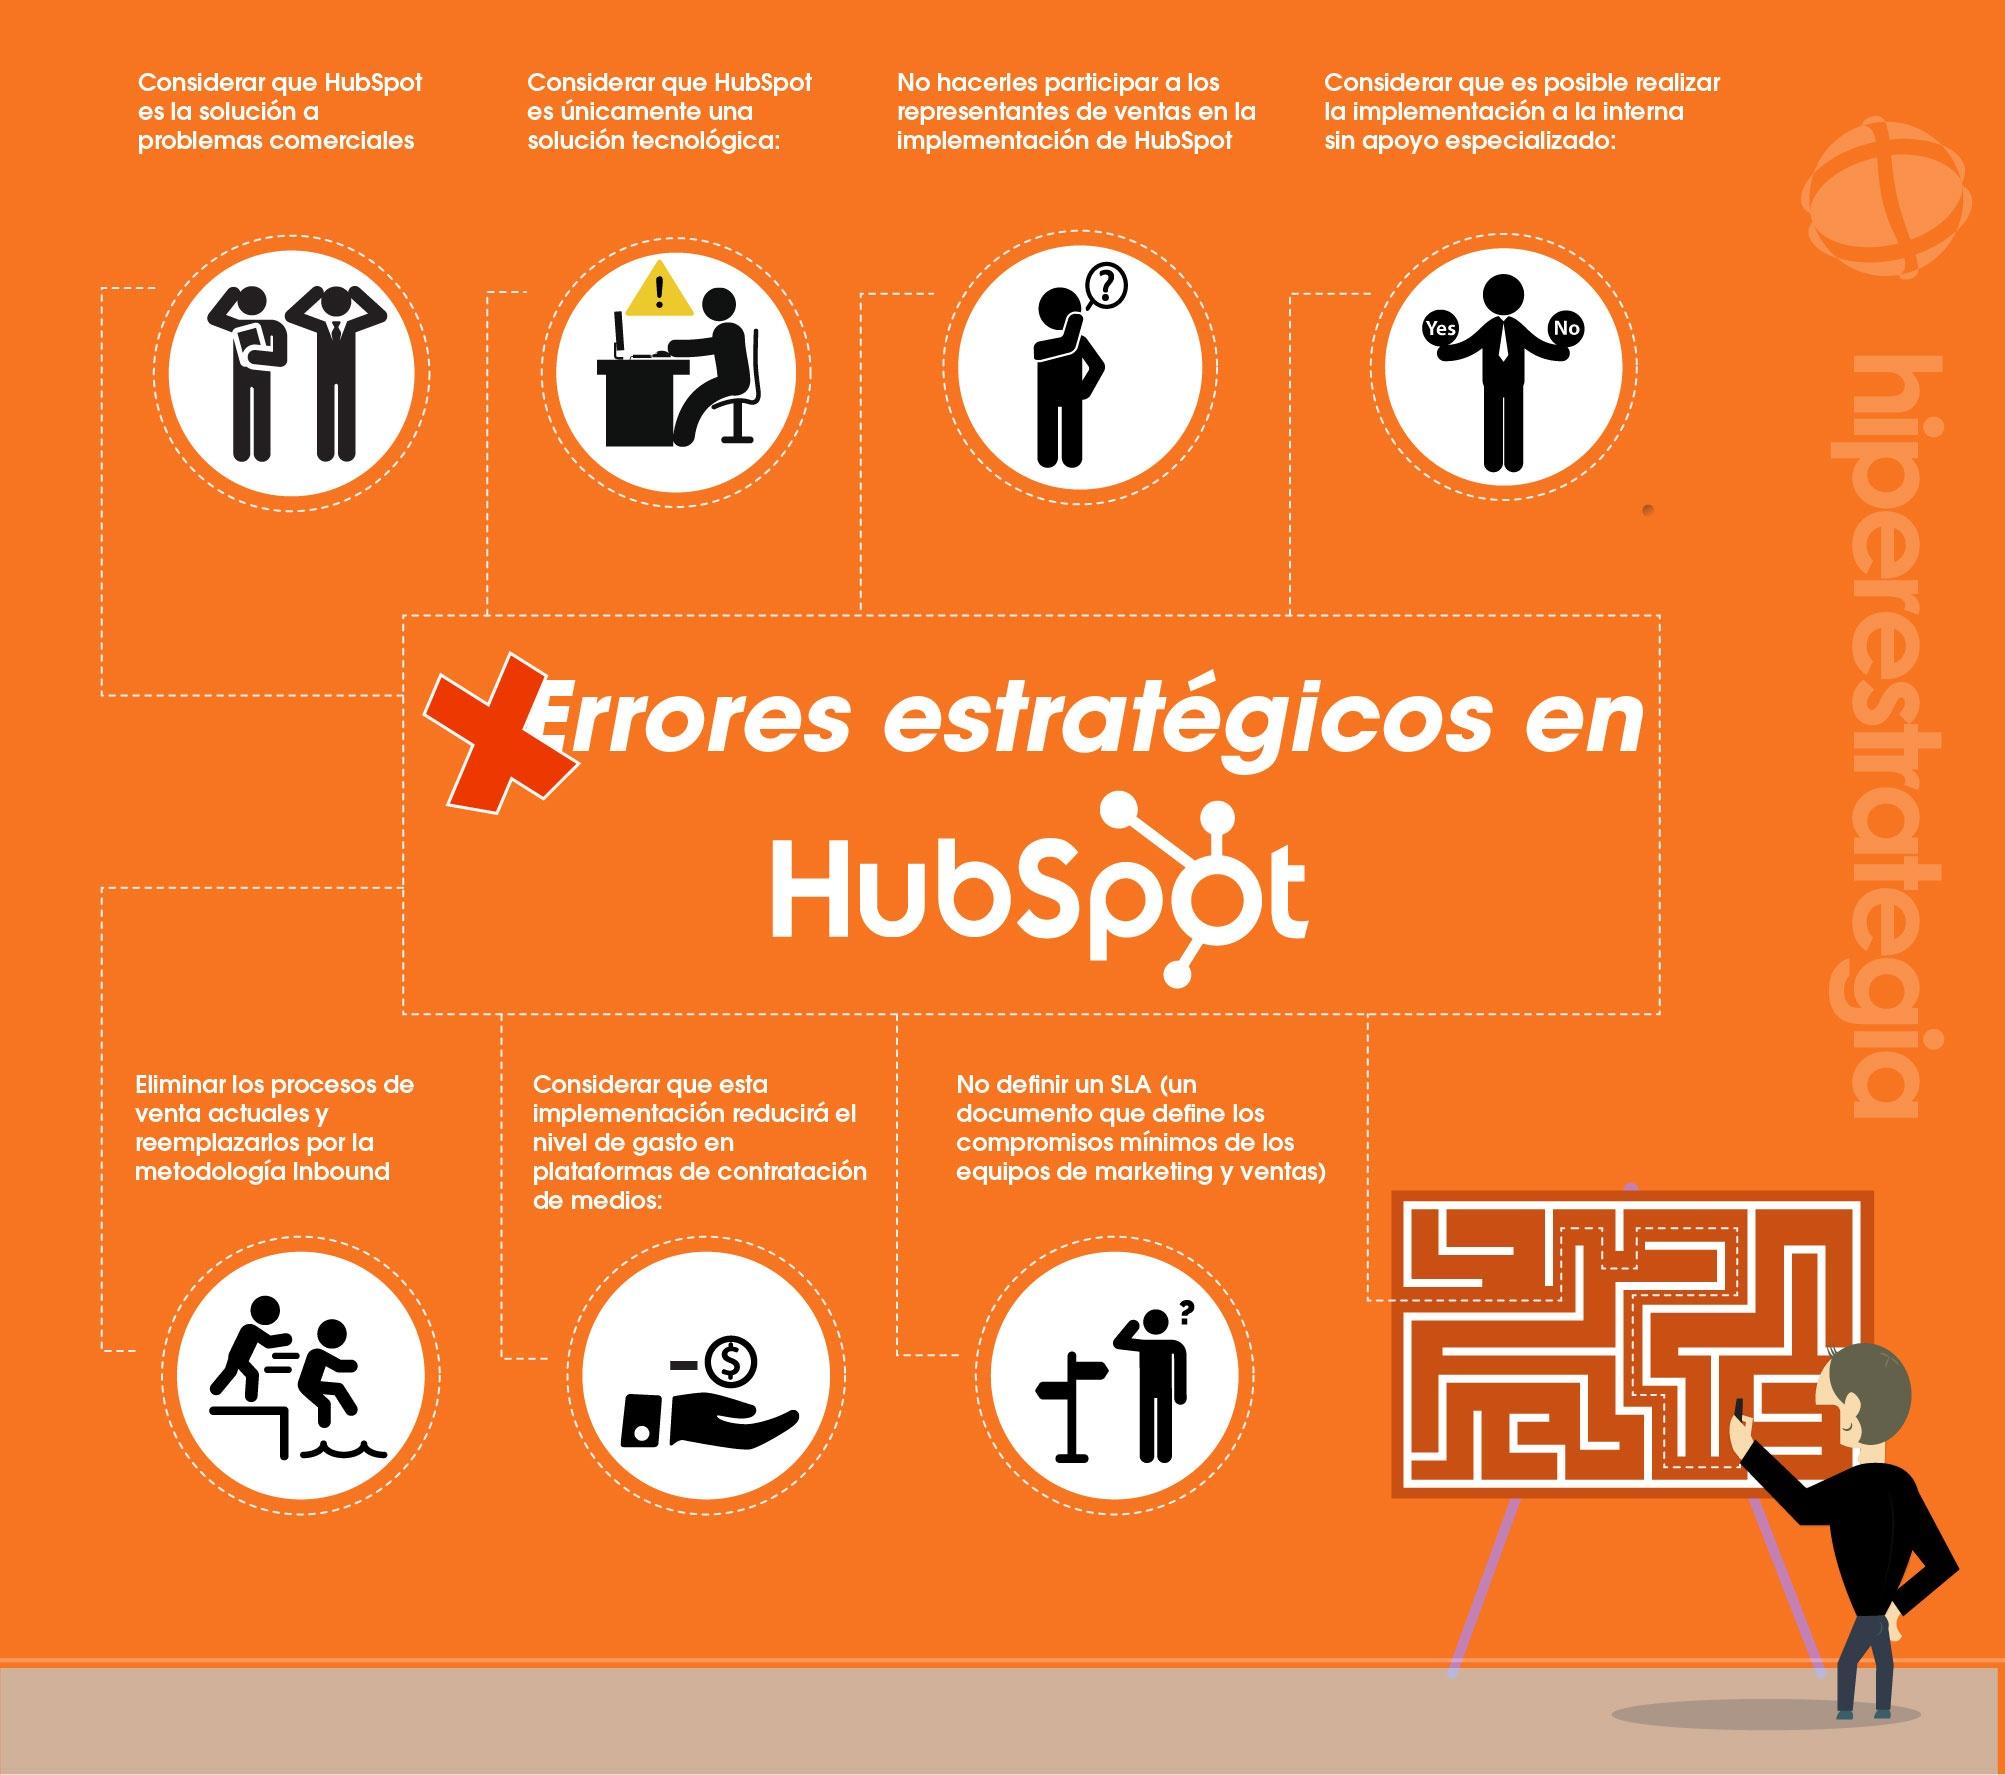 errores estratégicos en implementación de HubSpot